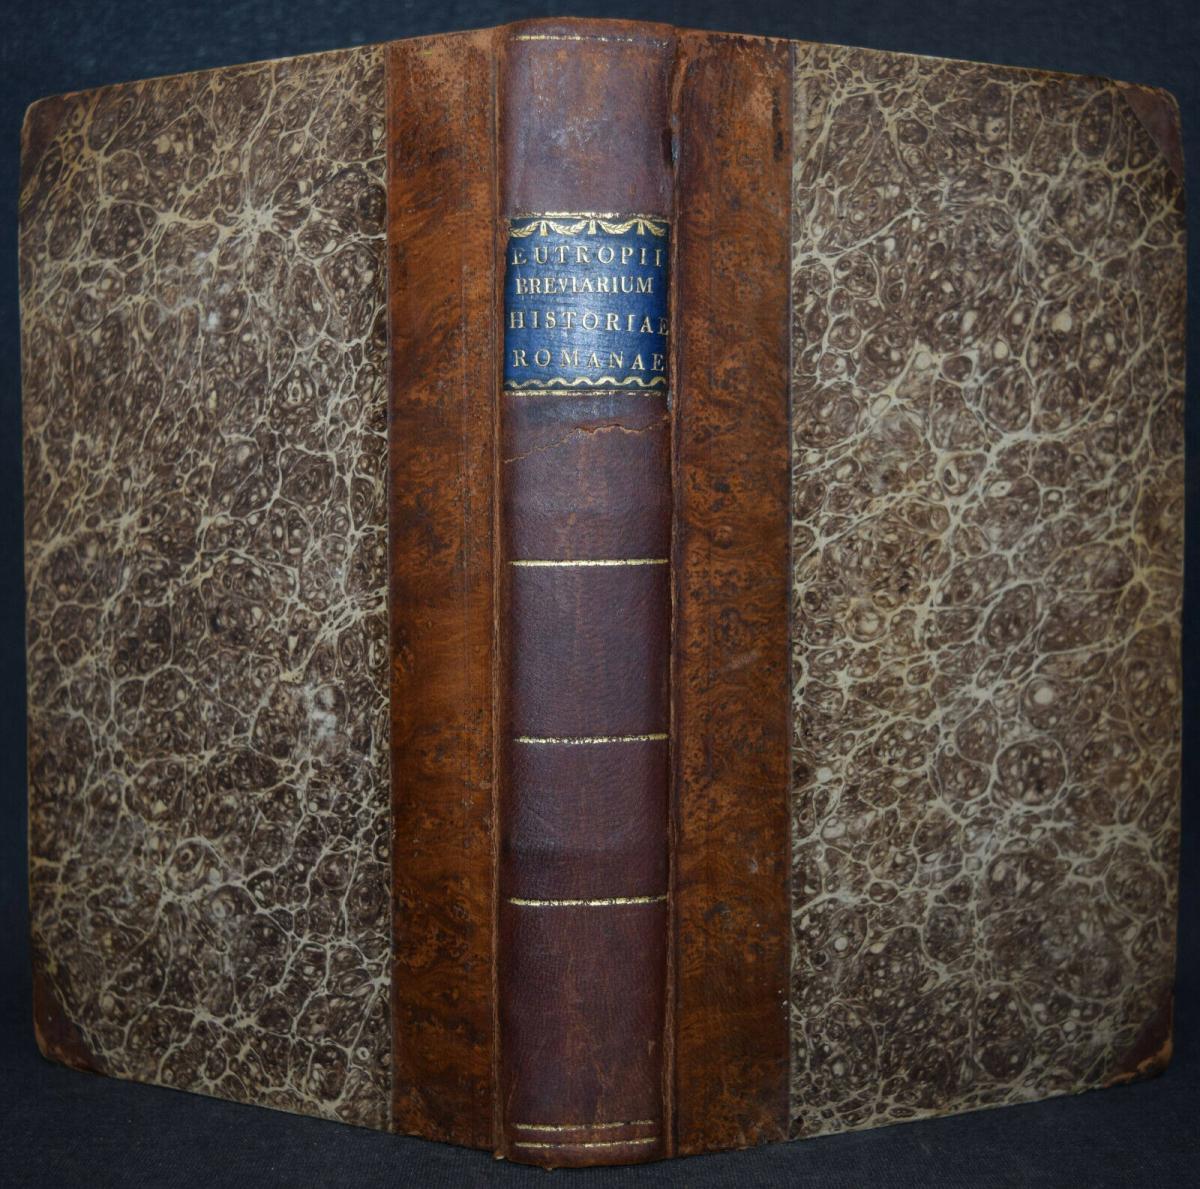 EUTROPIUS - EUTROPII BREVIARIUM HISTORIAE ROMANAE - ERSTAUSGABE 1813 - ANTIKE 0